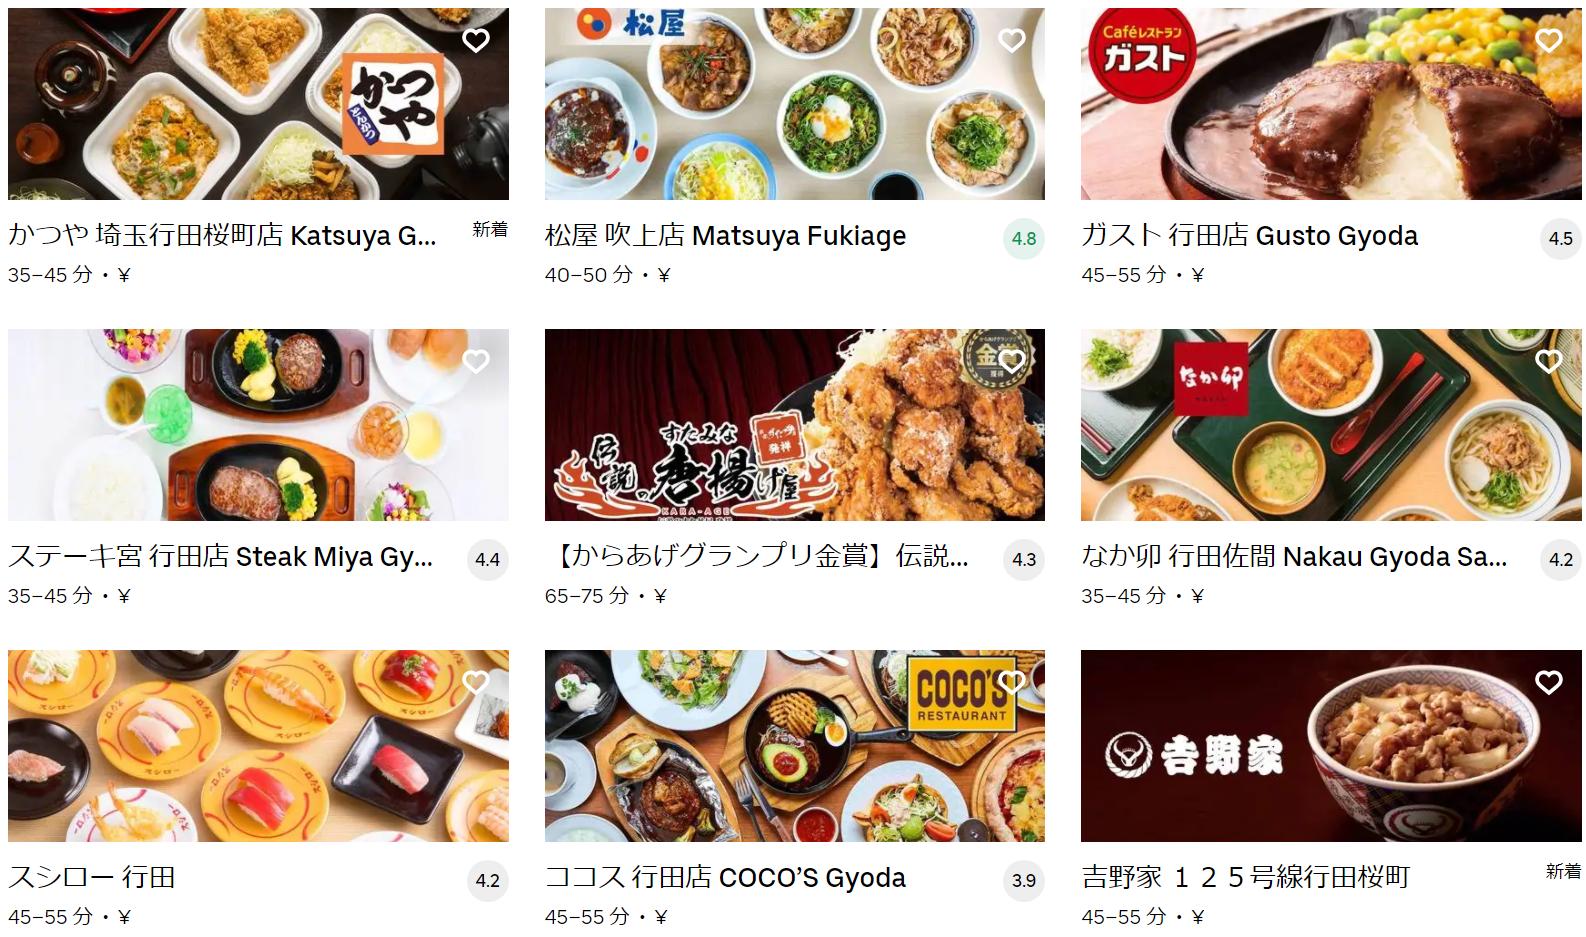 行田市エリアのおすすめUber Eats(ウーバーイーツ)メニュー